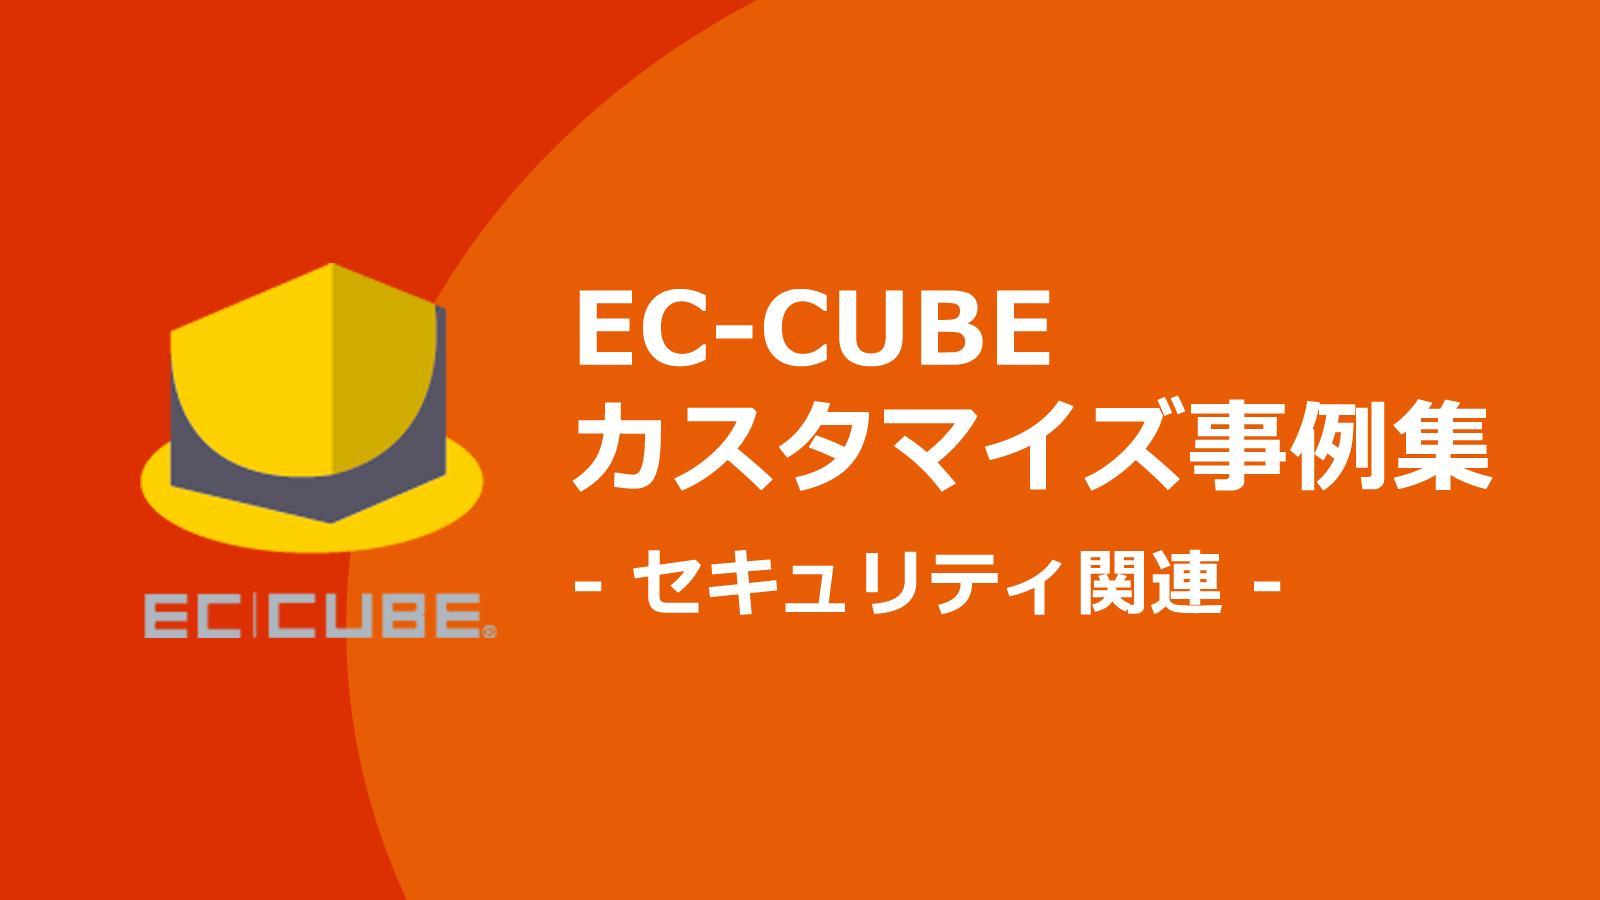 安全なECサイト運営の為にはセキュリティ対策は必須。セキュリティ関連のEC-CUBEカスタマイズ事例集